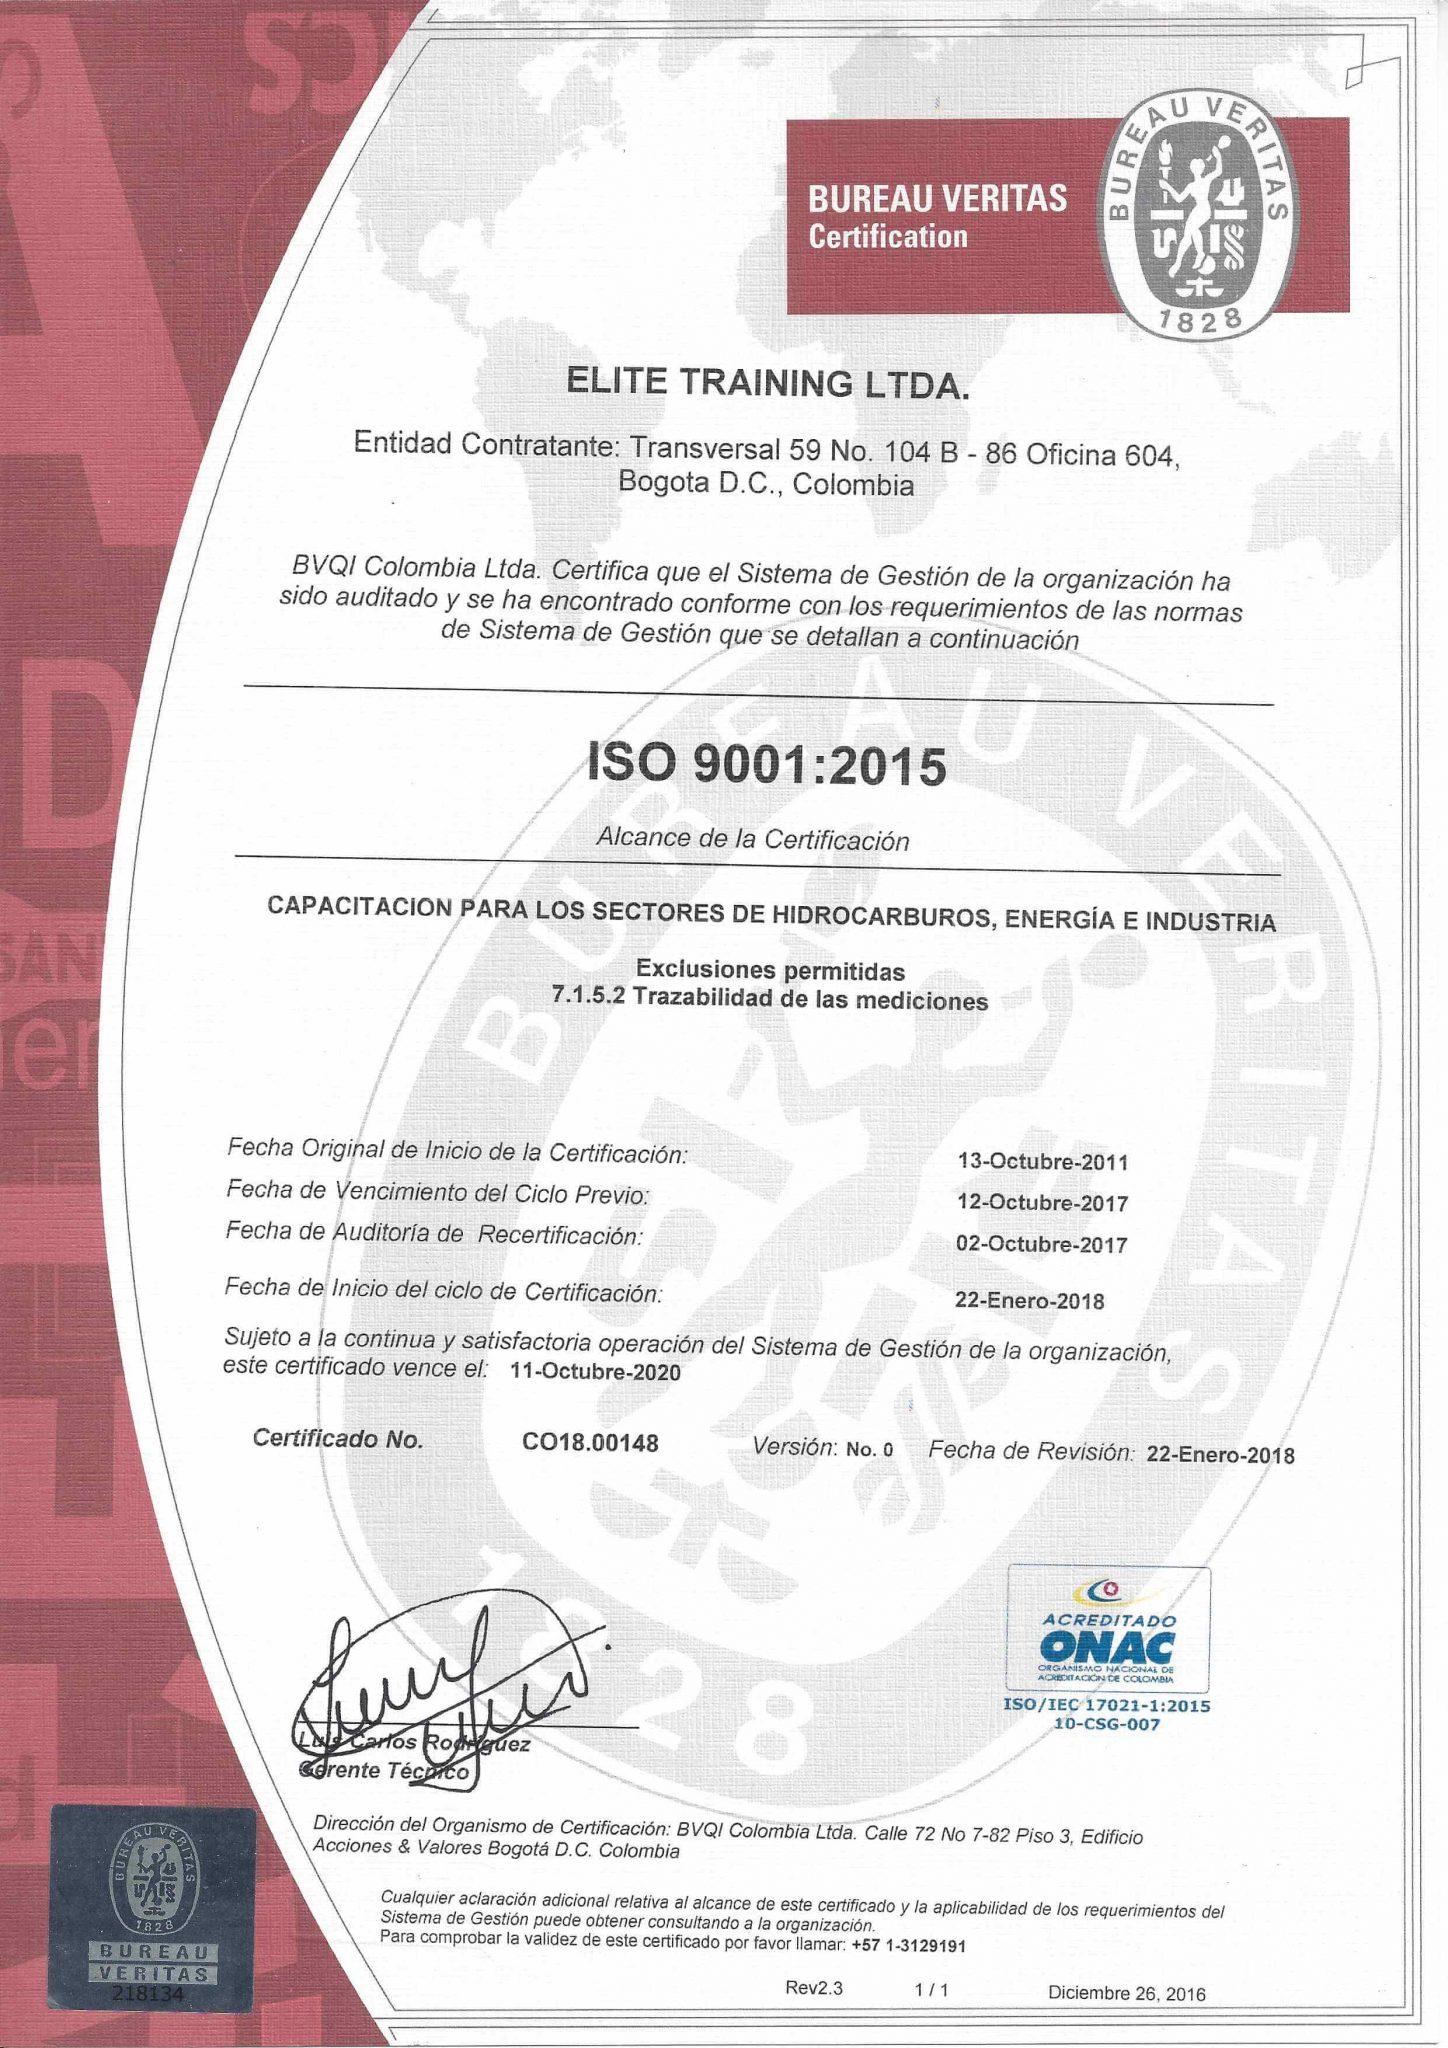 Certificación ISO 9001 - Elite Training